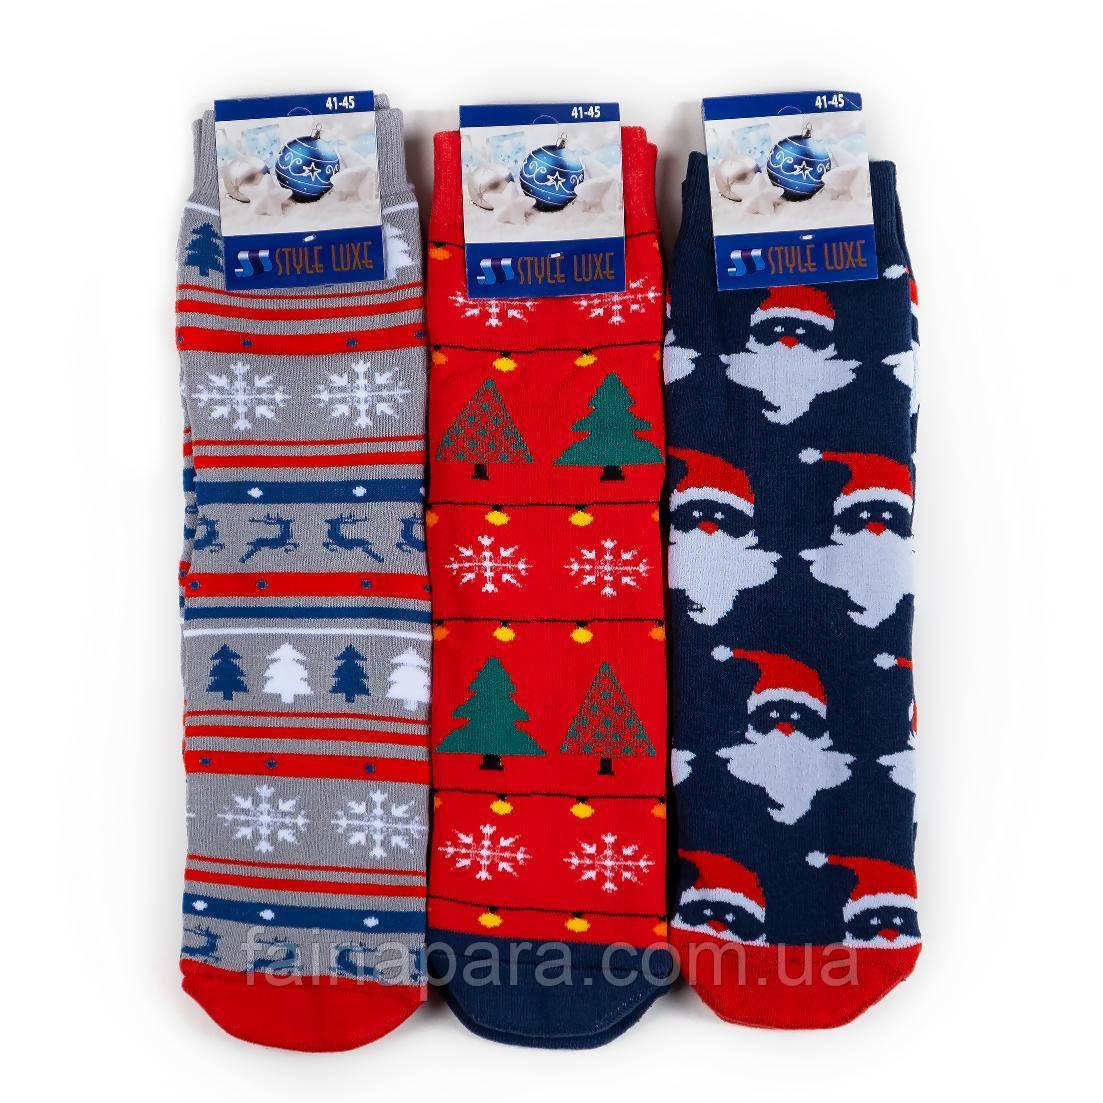 Мужские махровые новогодние носки на подарок